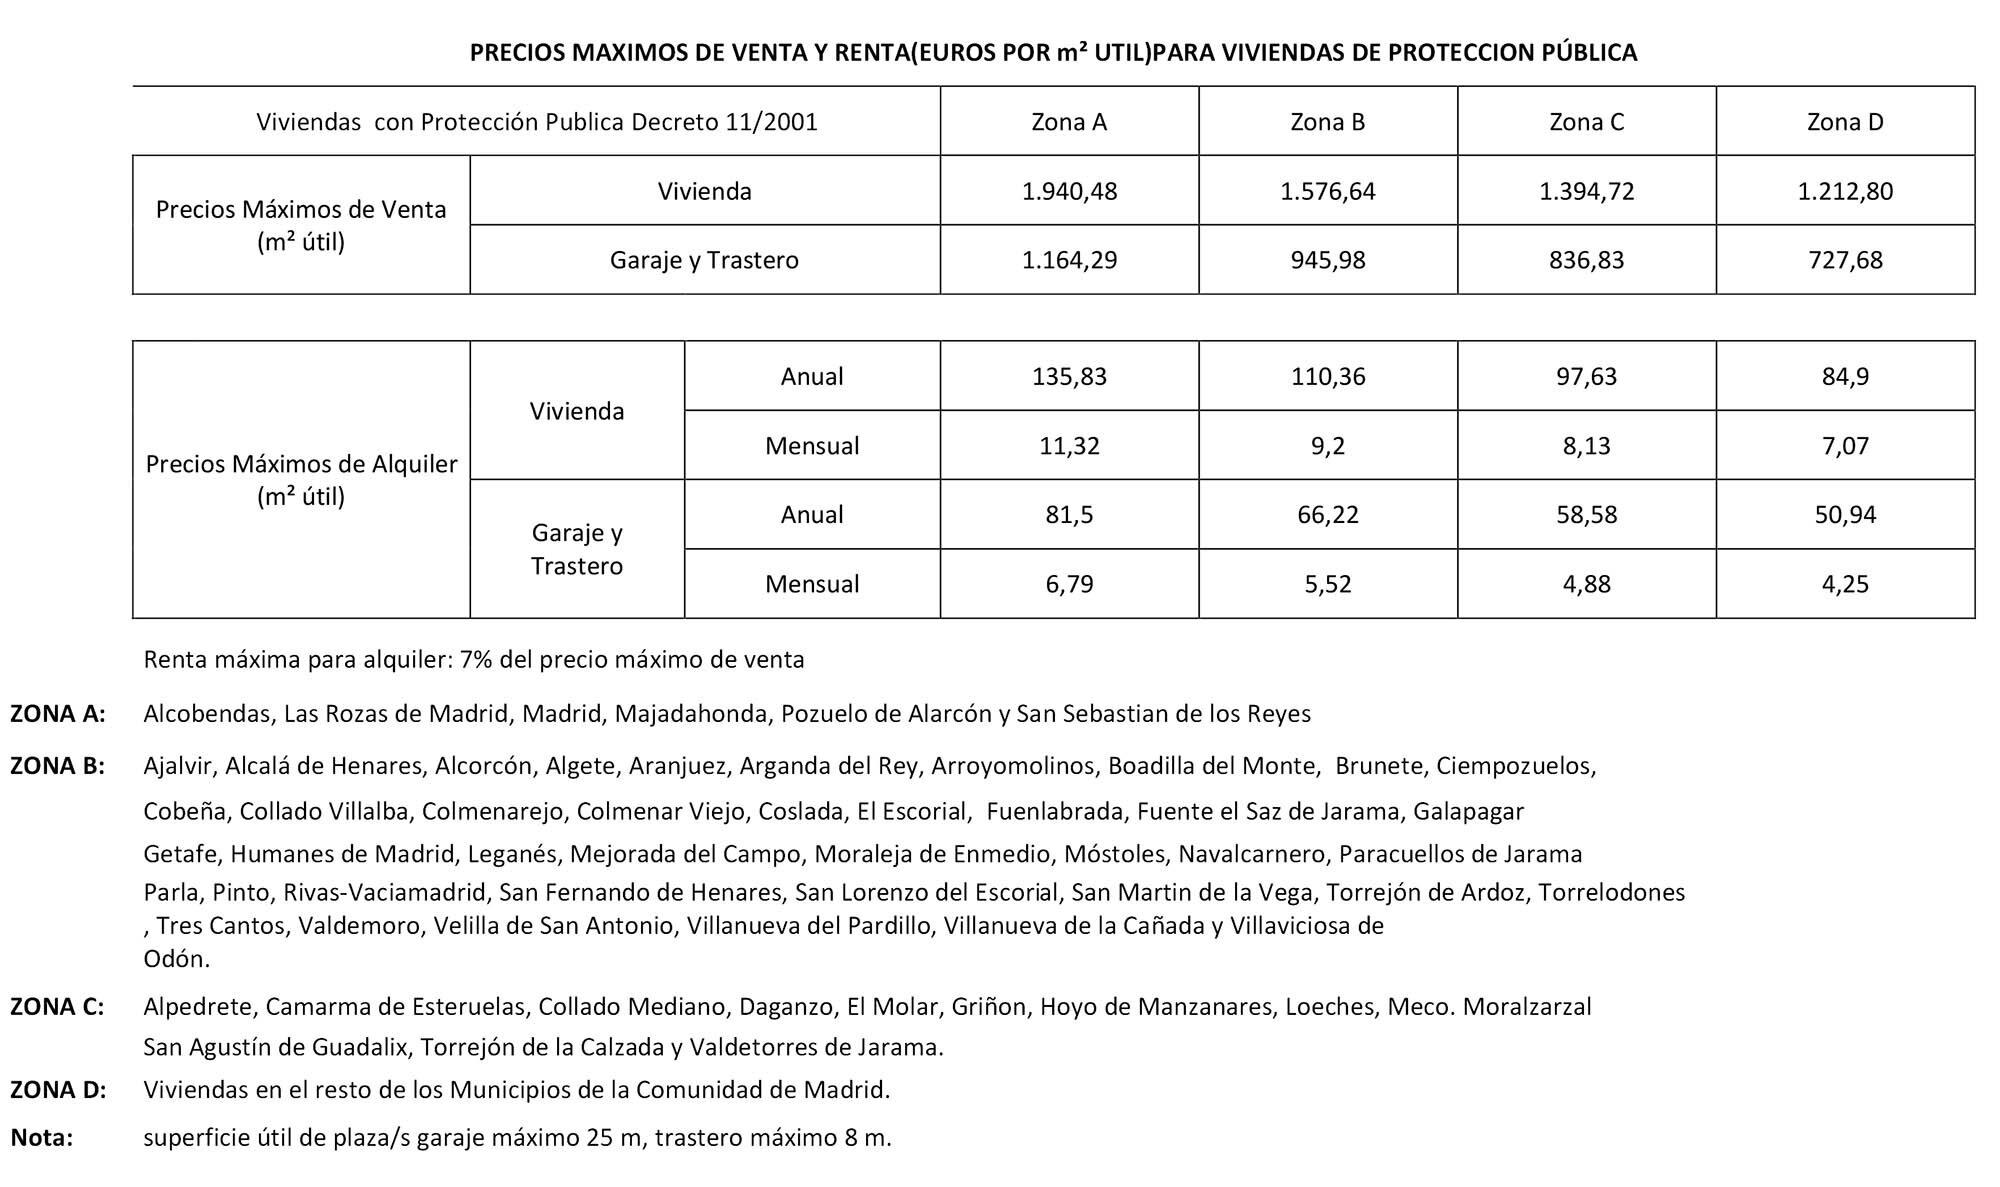 Tablas precios máximos de venta y renta para las VPP en Madrid